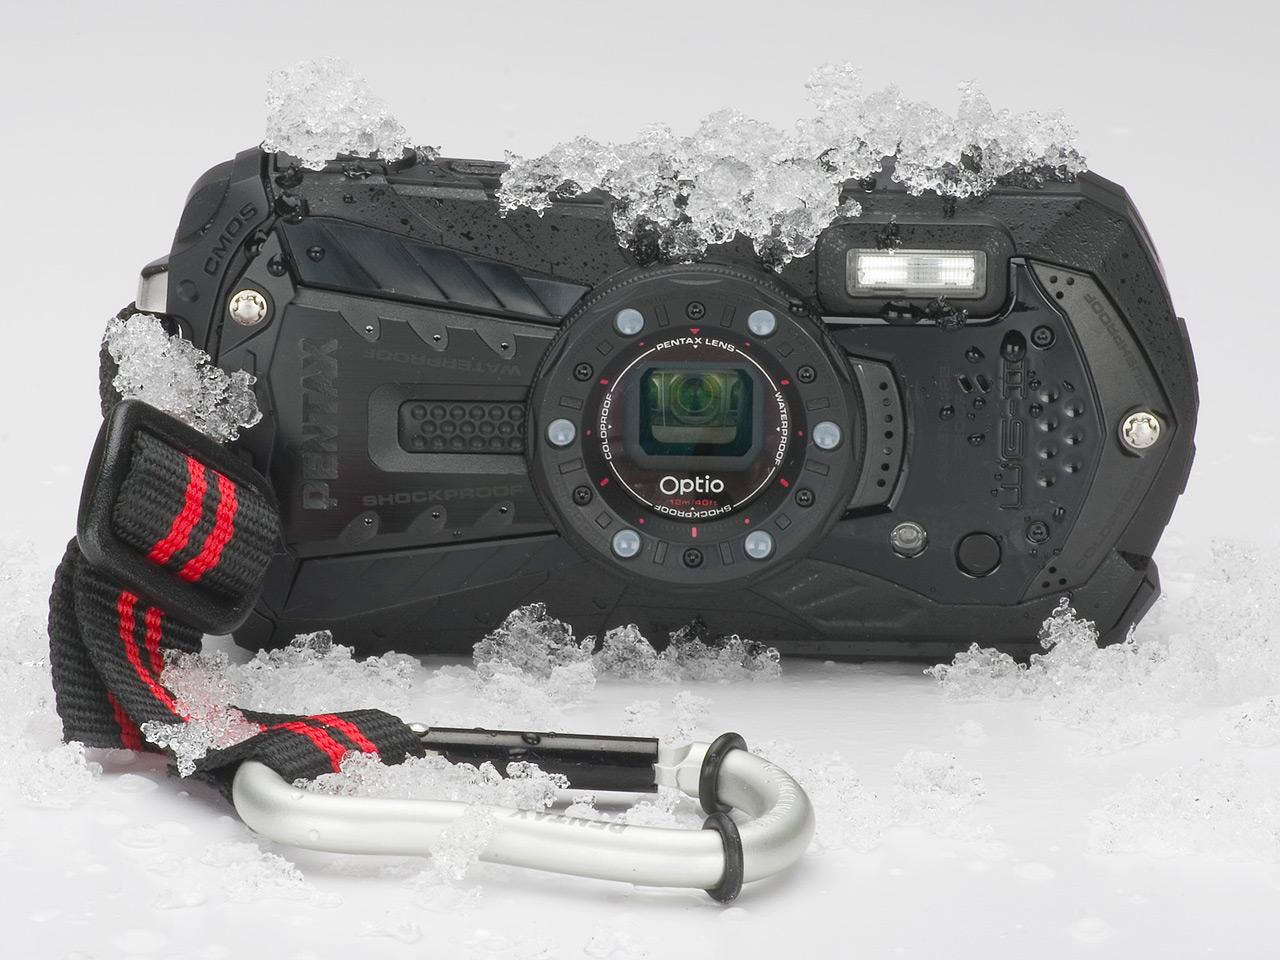 pentax gets tough with optio wg 2 and wg 2 gps rugged cameras rh dpreview com Target Pentax Optio WG-2 Pentax Optio WG-2 Sale